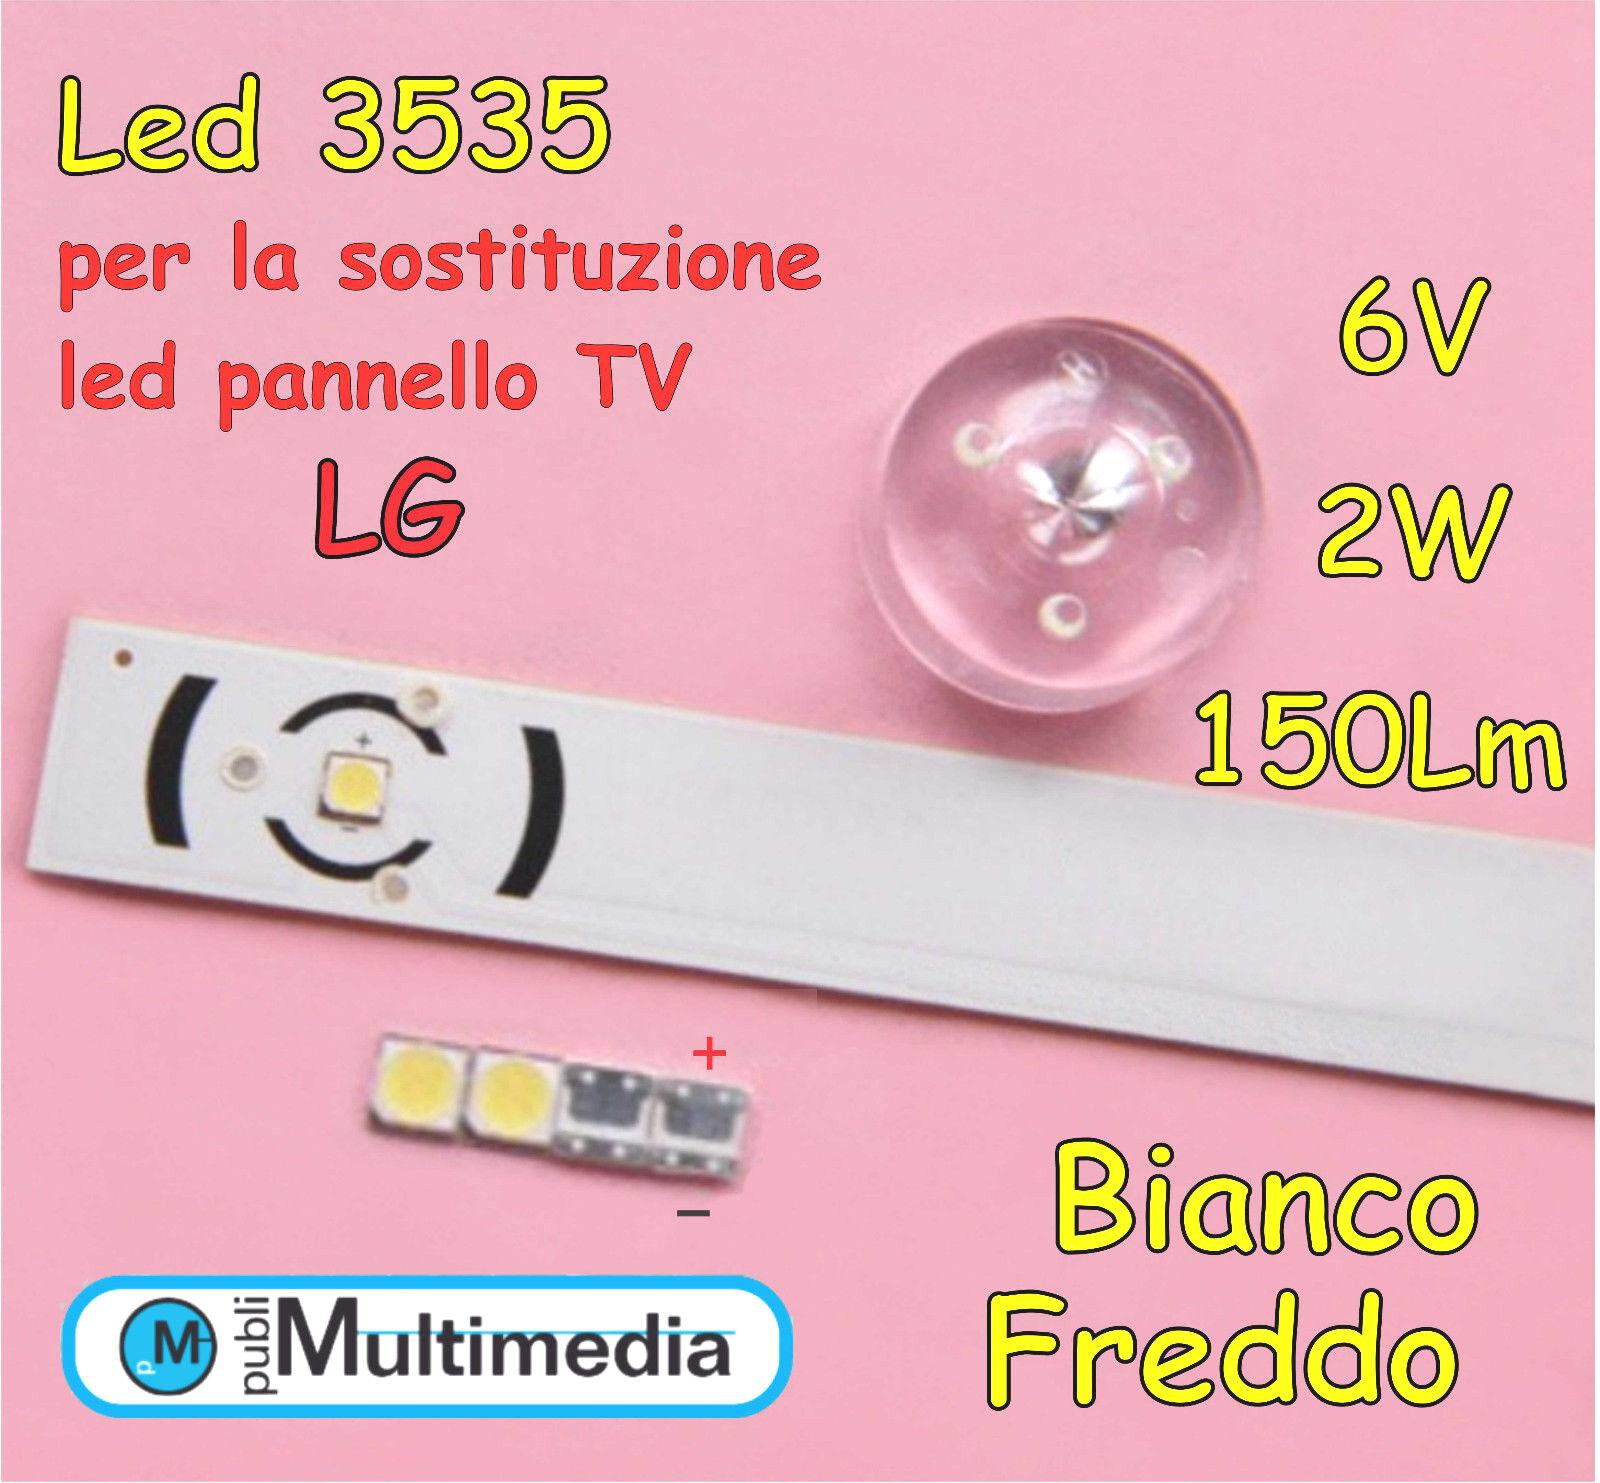 5 Led 3535 LATWT391RZLZK per ricambio retroilluminazione TV LG 2W 150LM 6V